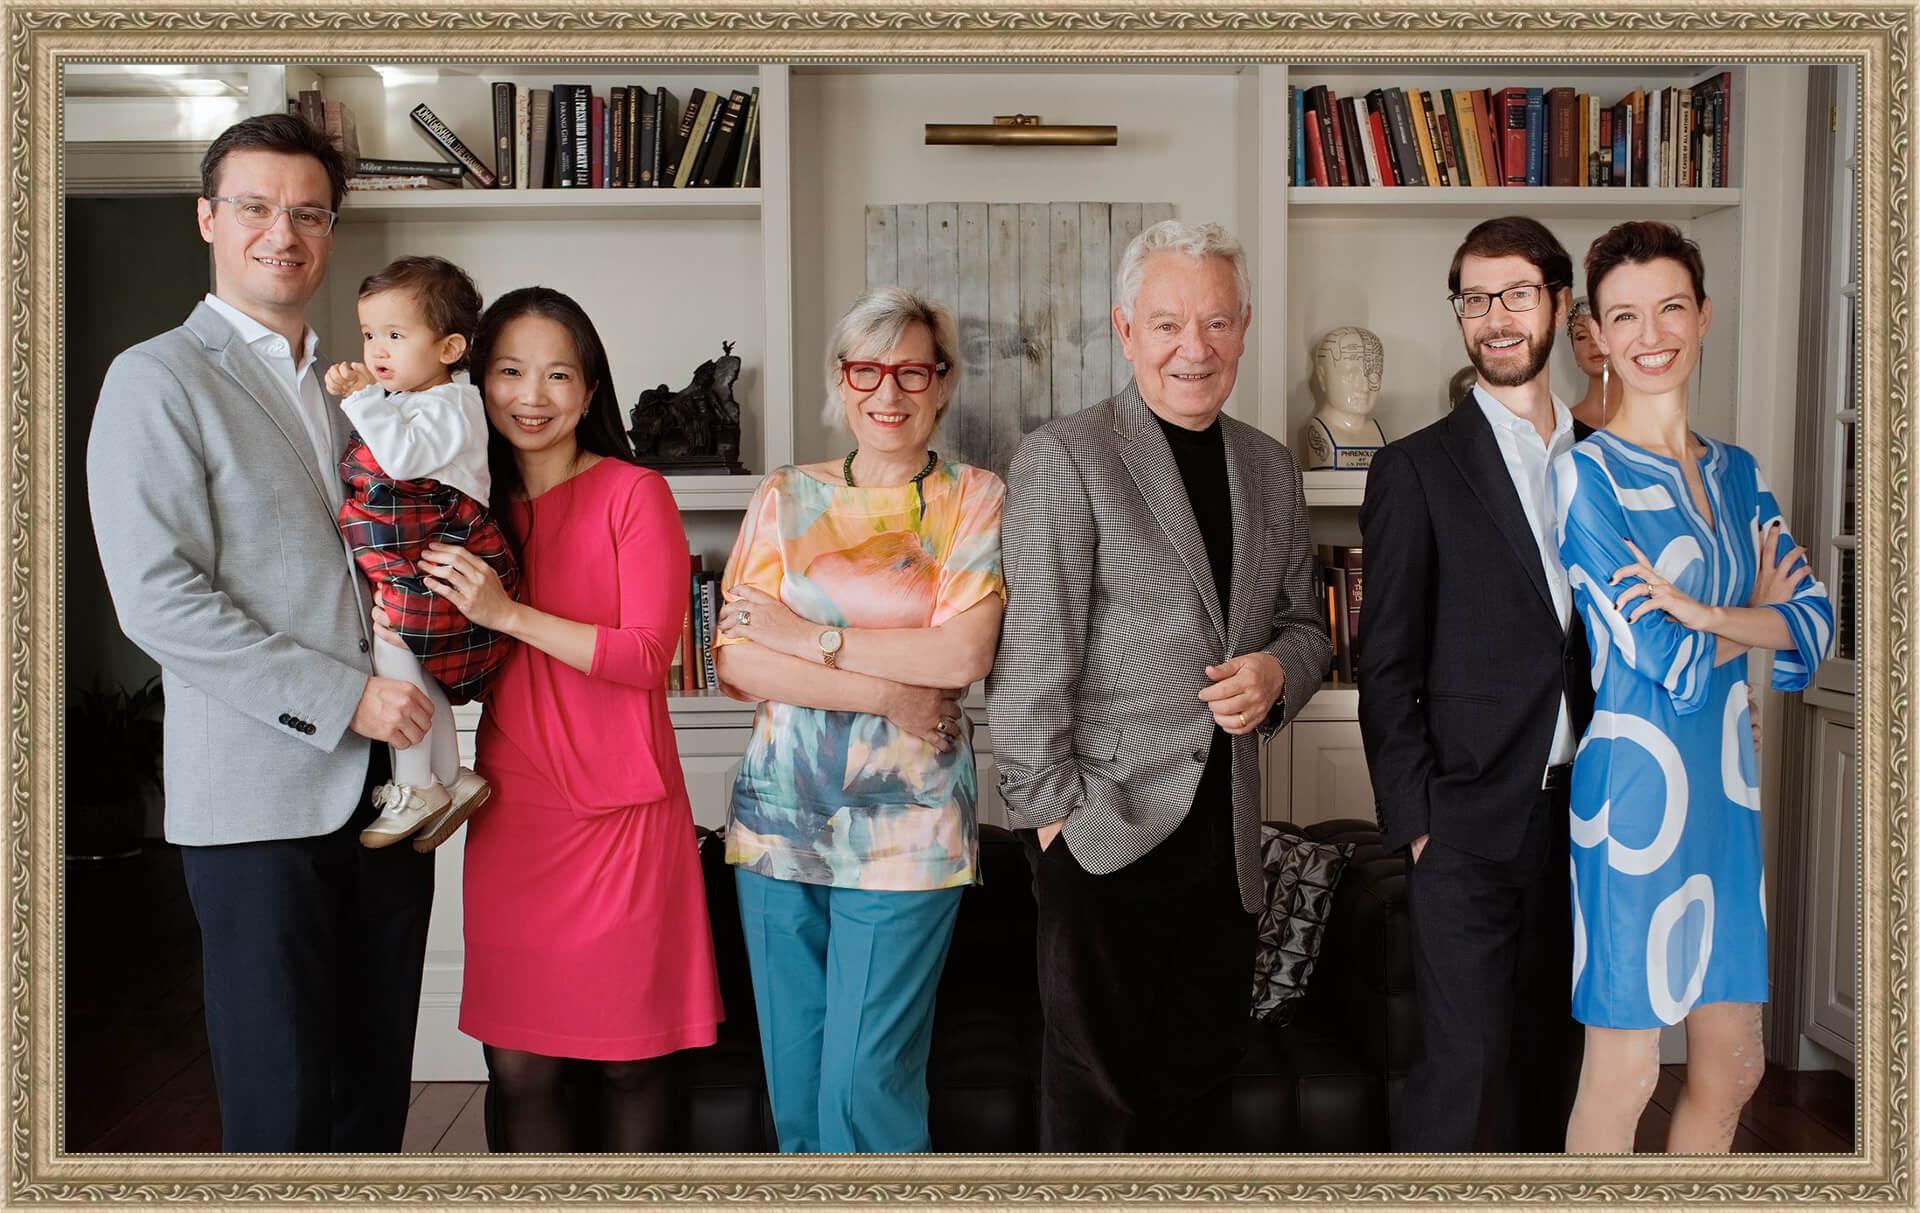 Bob Gebhardt Family, Framed